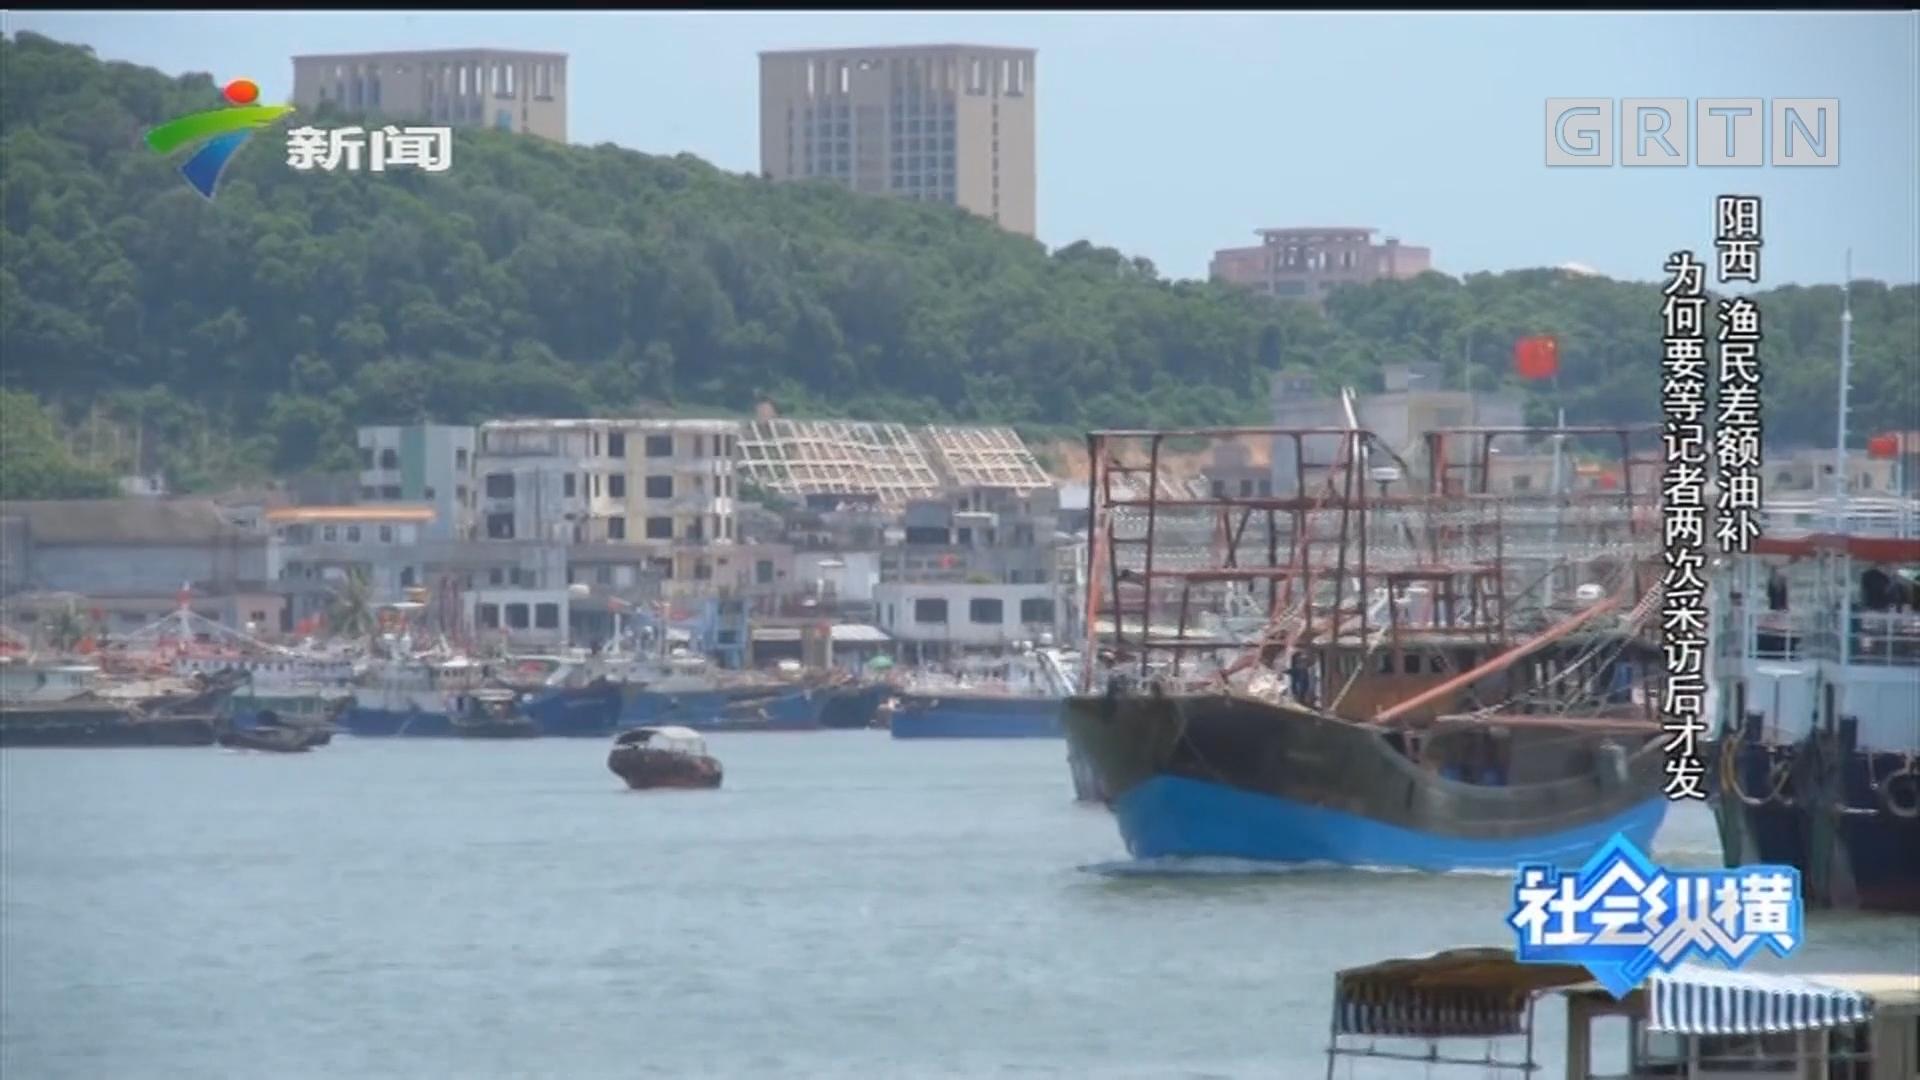 [HD][2019-09-04]社会纵横:阳西 渔民差额油补 为何要等记者两次采访后才发